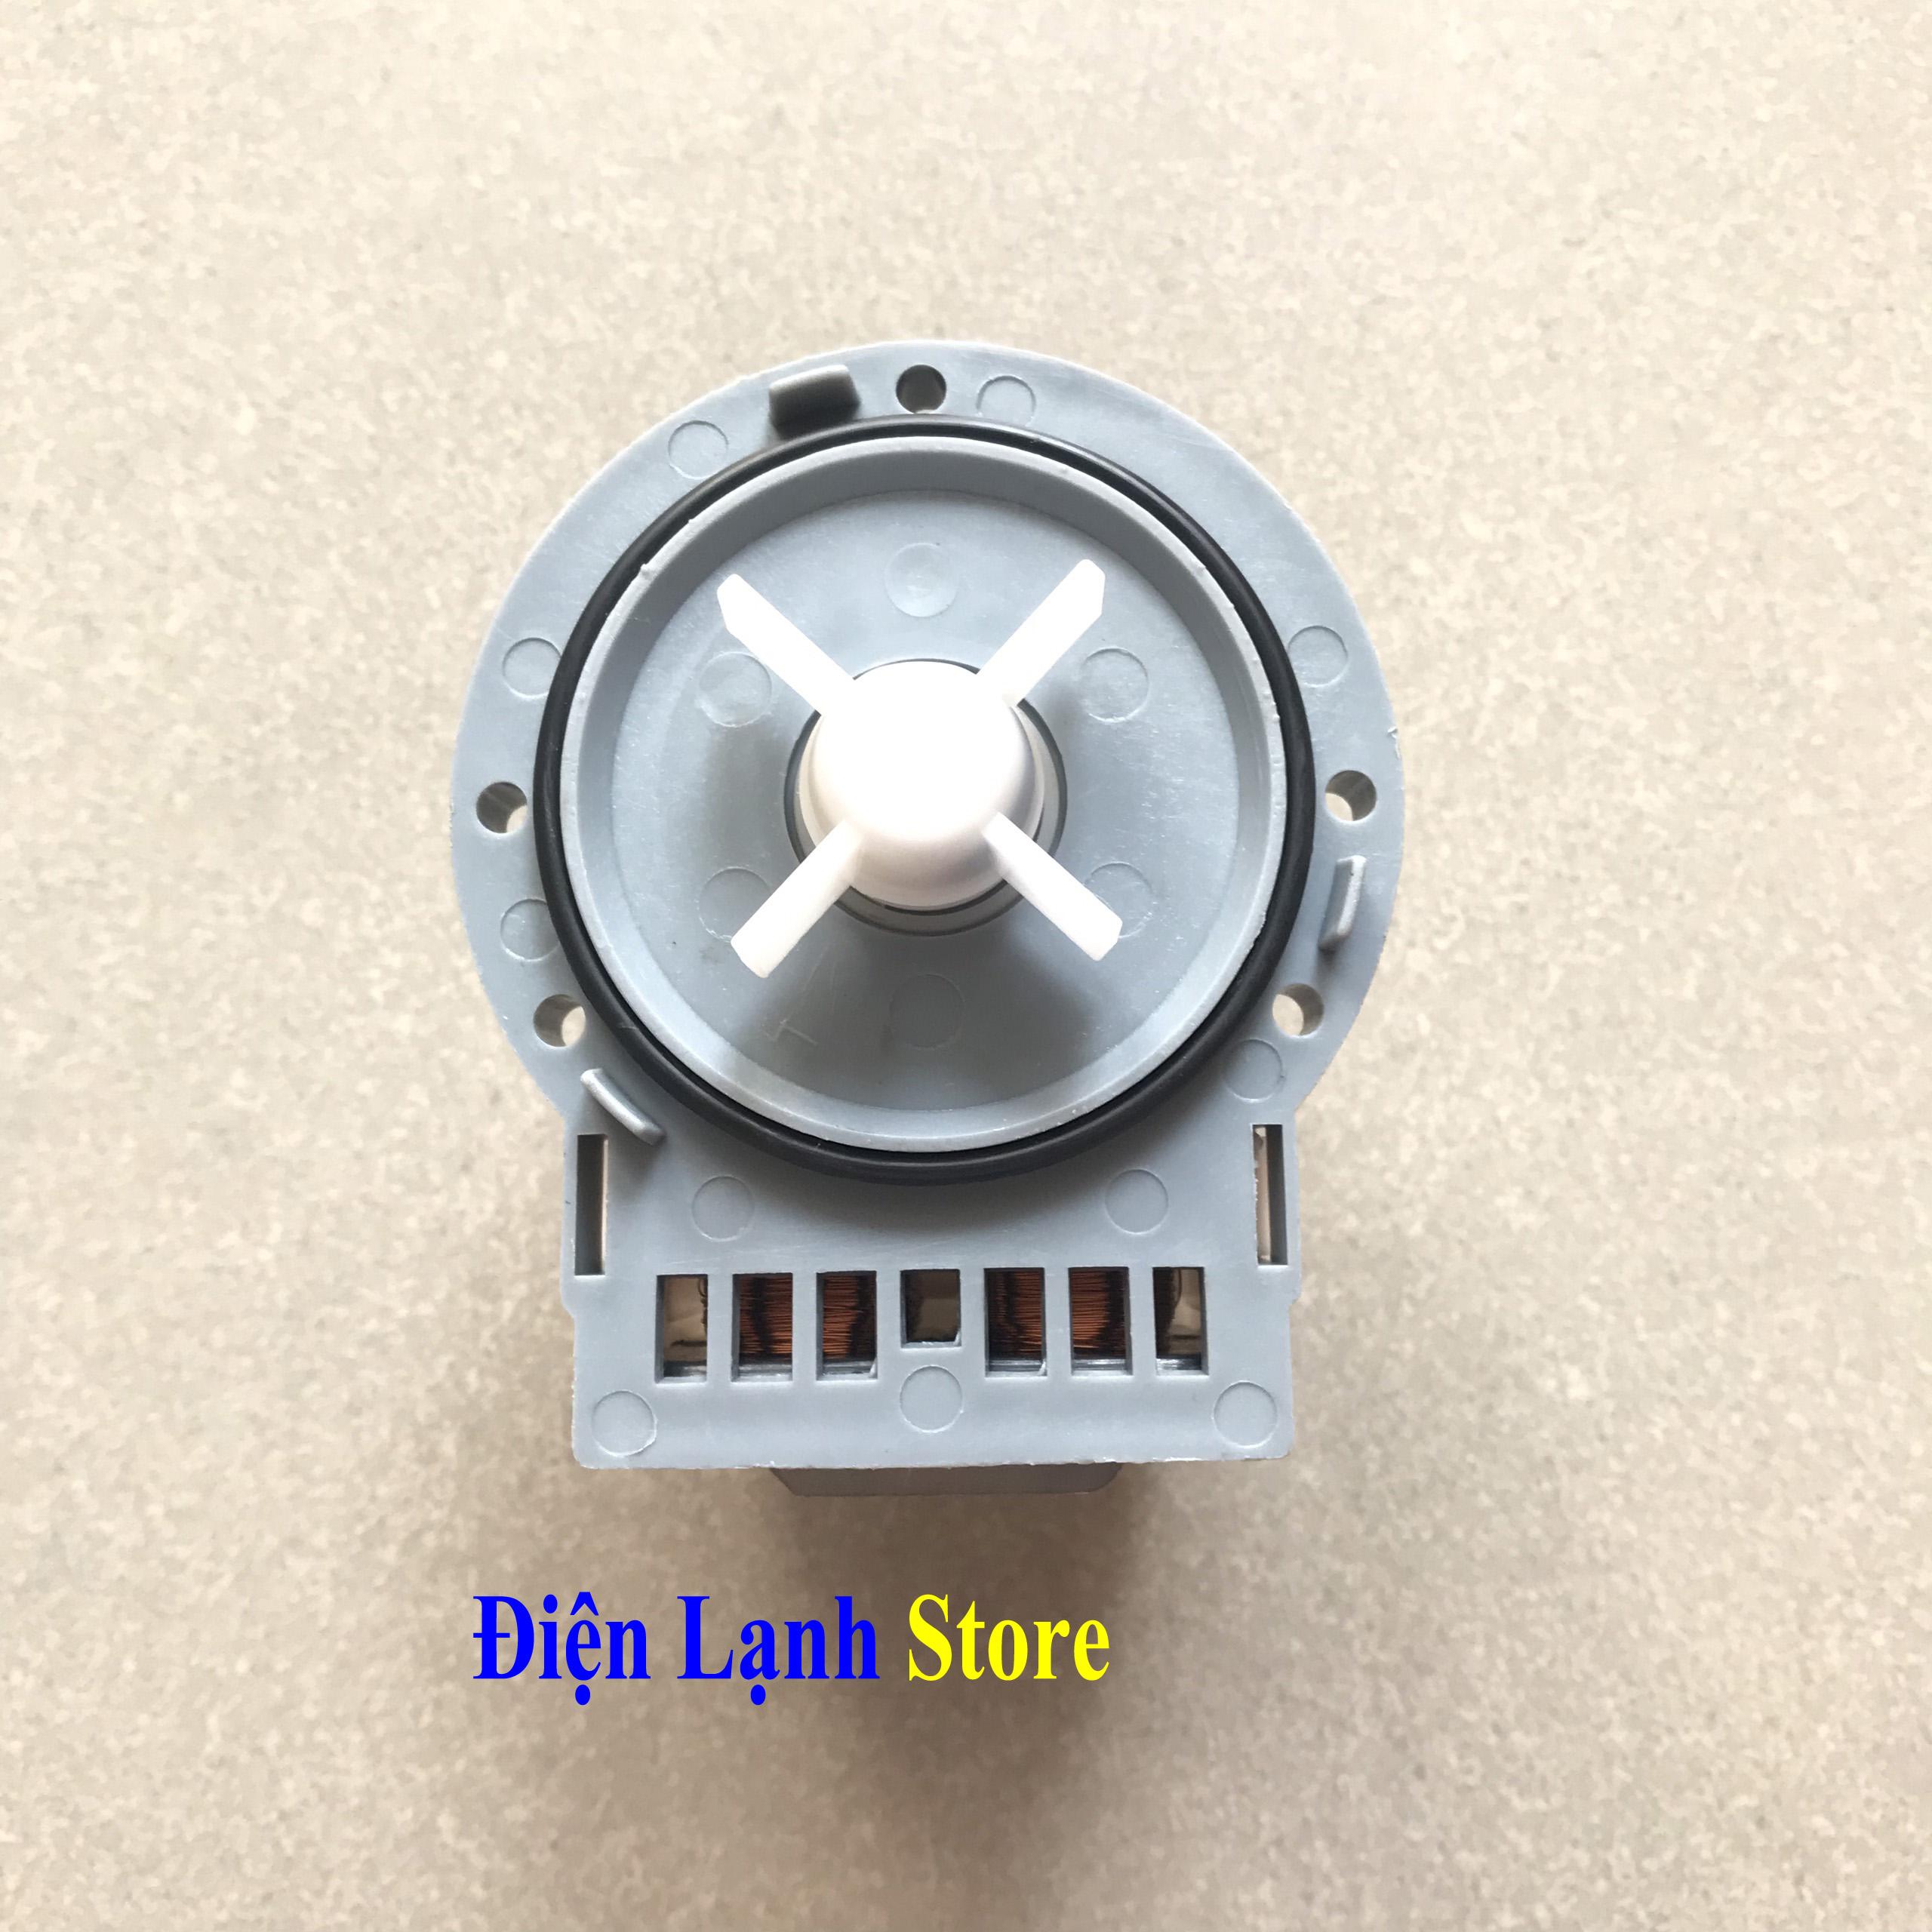 Bảng giá Bơm Xã Máy Giặt Cửa Ngang Bắt Vít Nhựa Không Phủ Kín 3125 Loại Tốt Điện máy Pico